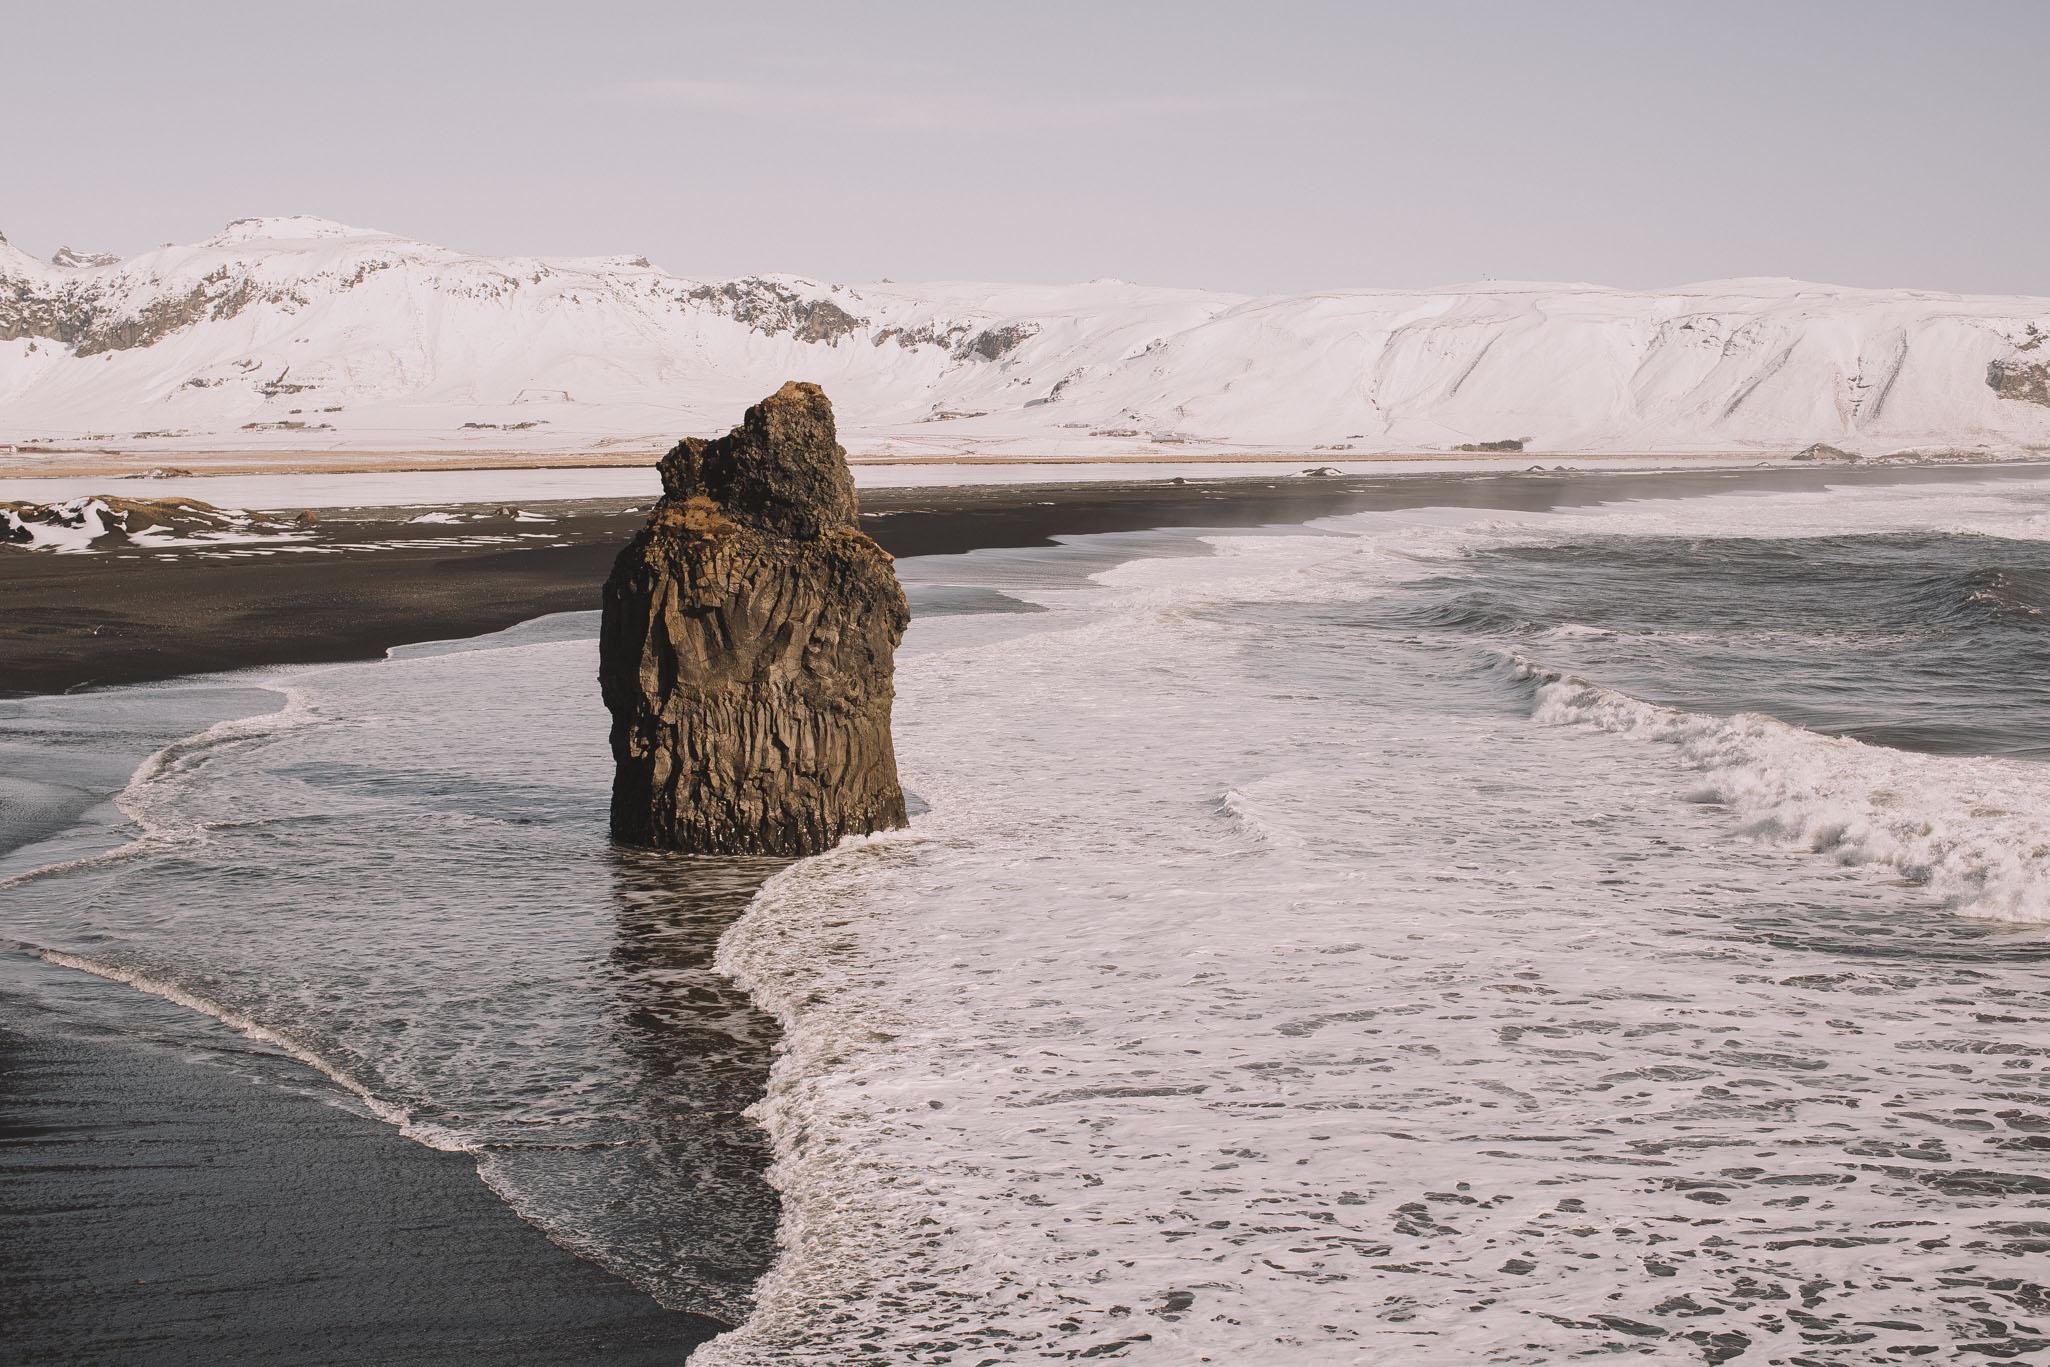 Road-trip-Islande-Iceland-Voyage-Travel-Portrait-Jérémy-Boyer-Sunny-day-Dyrholaey-5.jpg